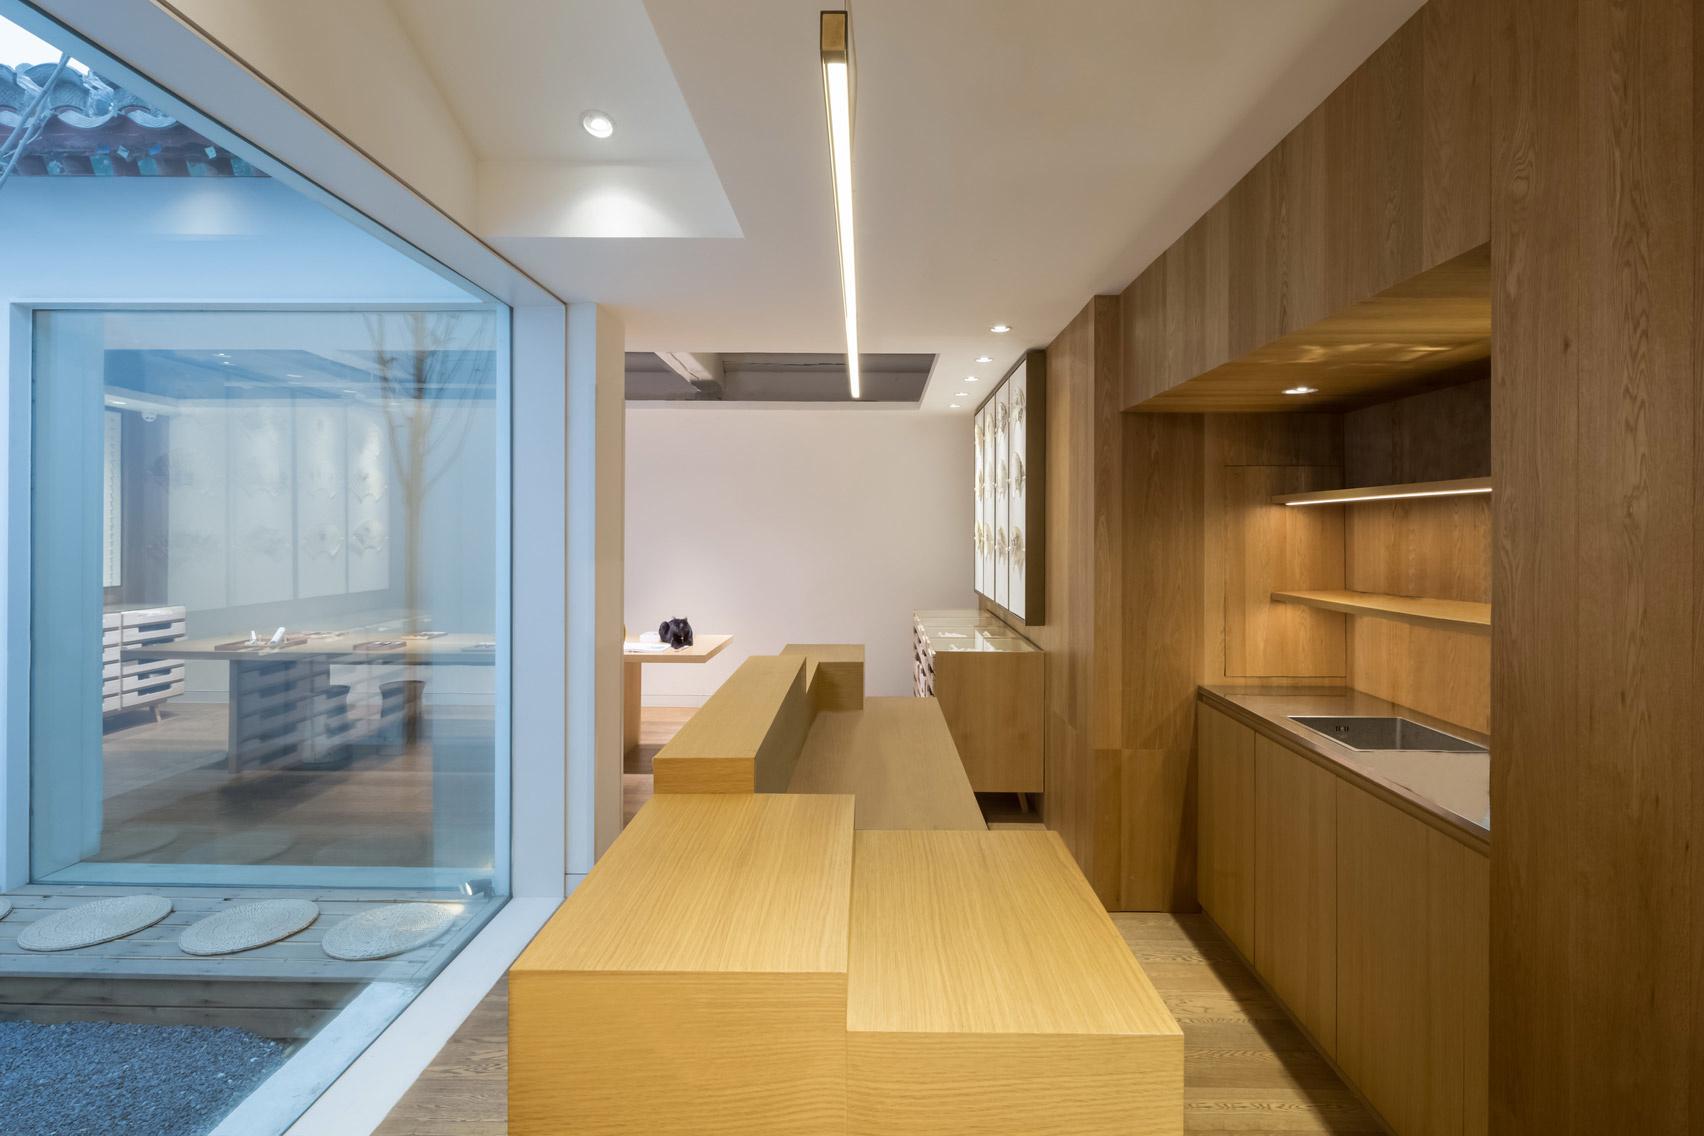 Магазин вееров в пекинском хутуне (галерея 6, фото 4)